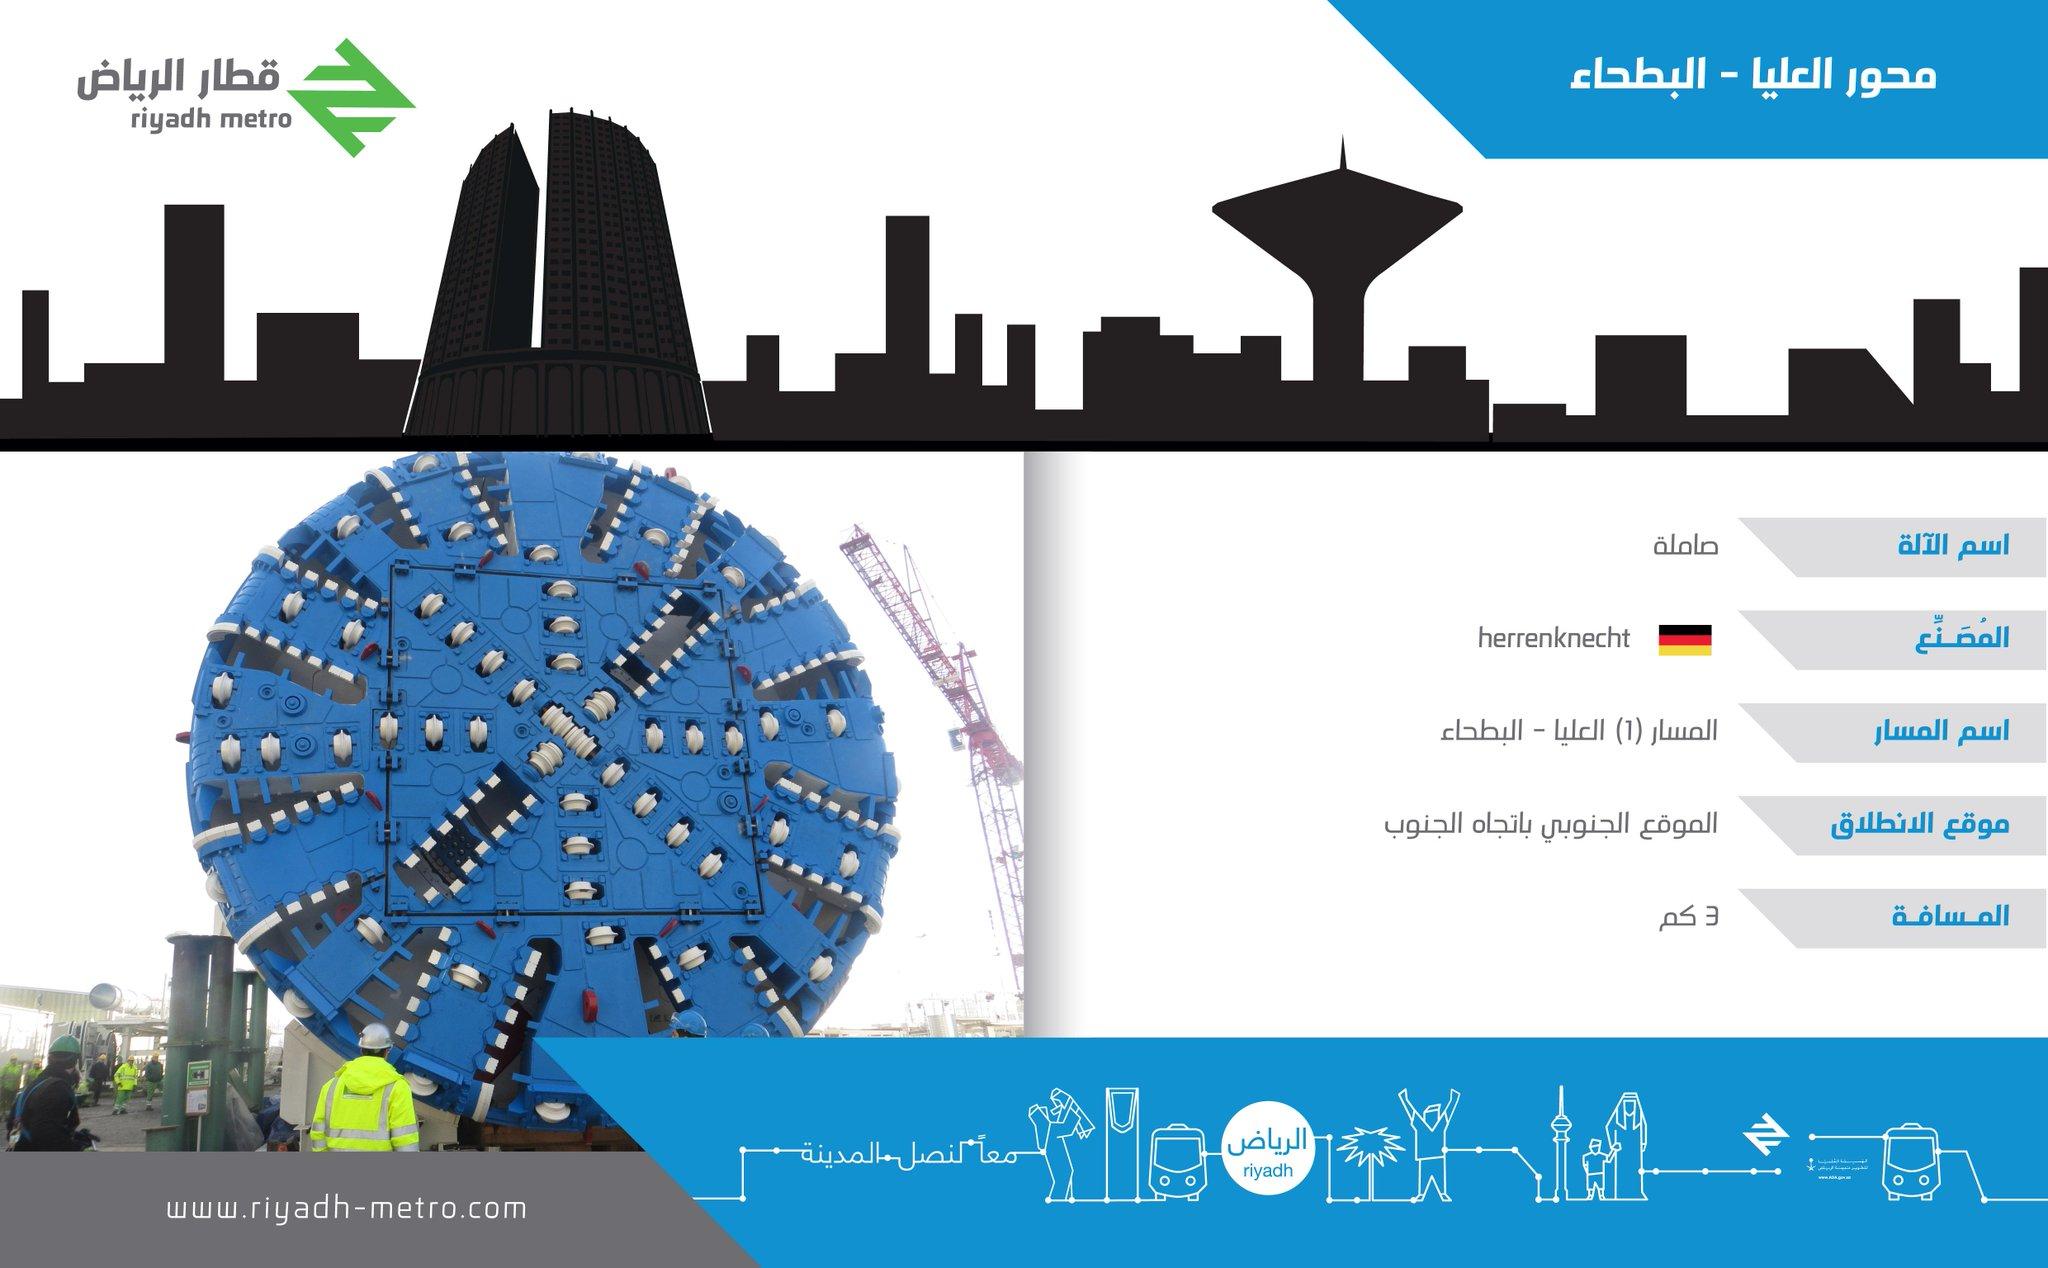 السعوديه دولة عظمى وفي طريقها الى العالم الأول  - صفحة 3 CD1WIluVAAA_I2x